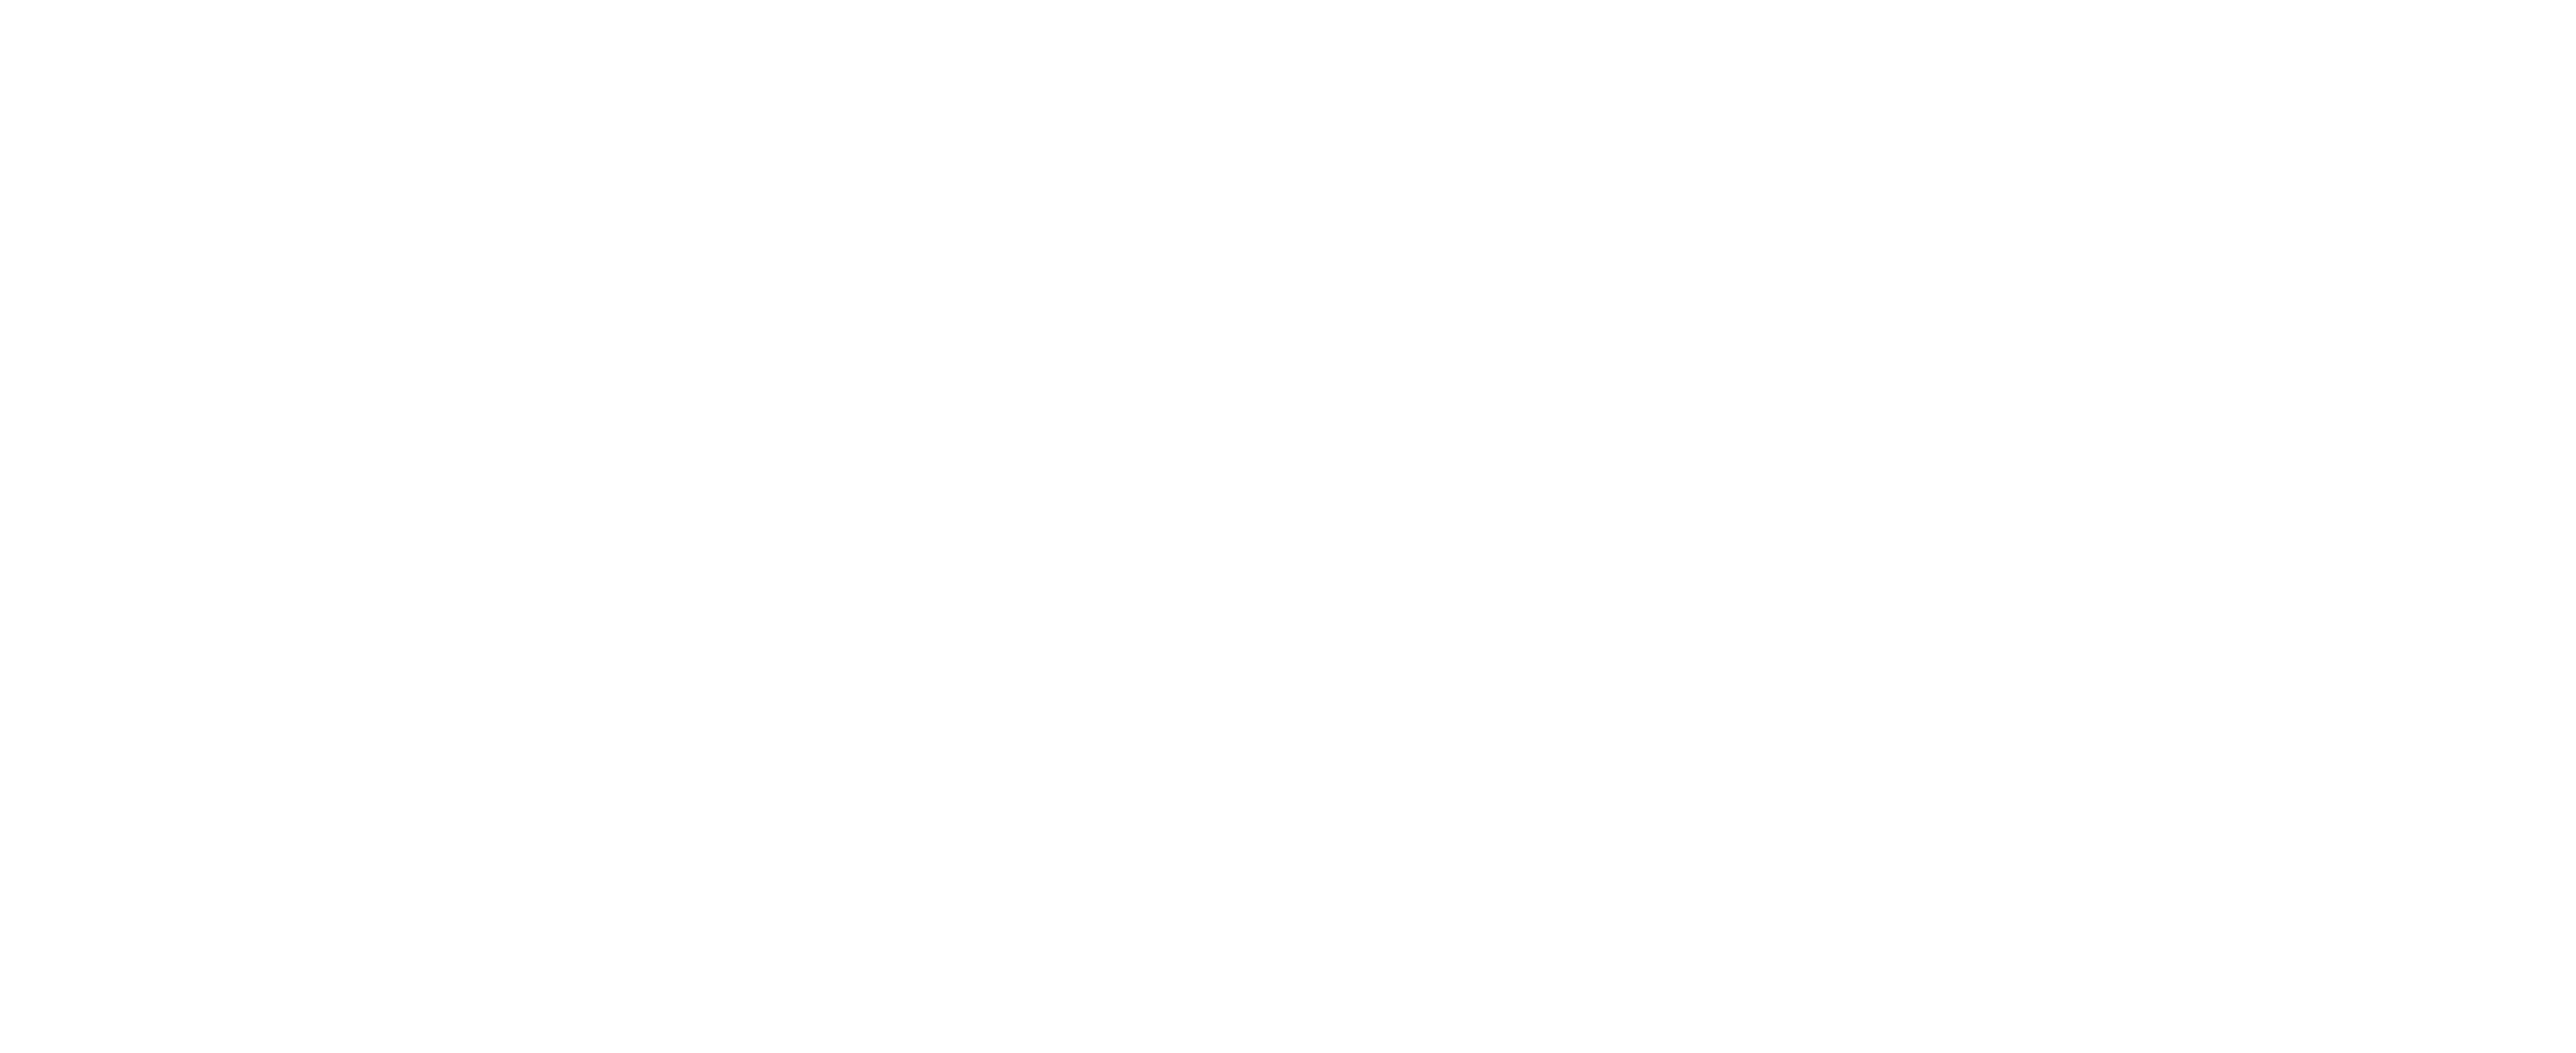 2798 х 1144 1 09 мб